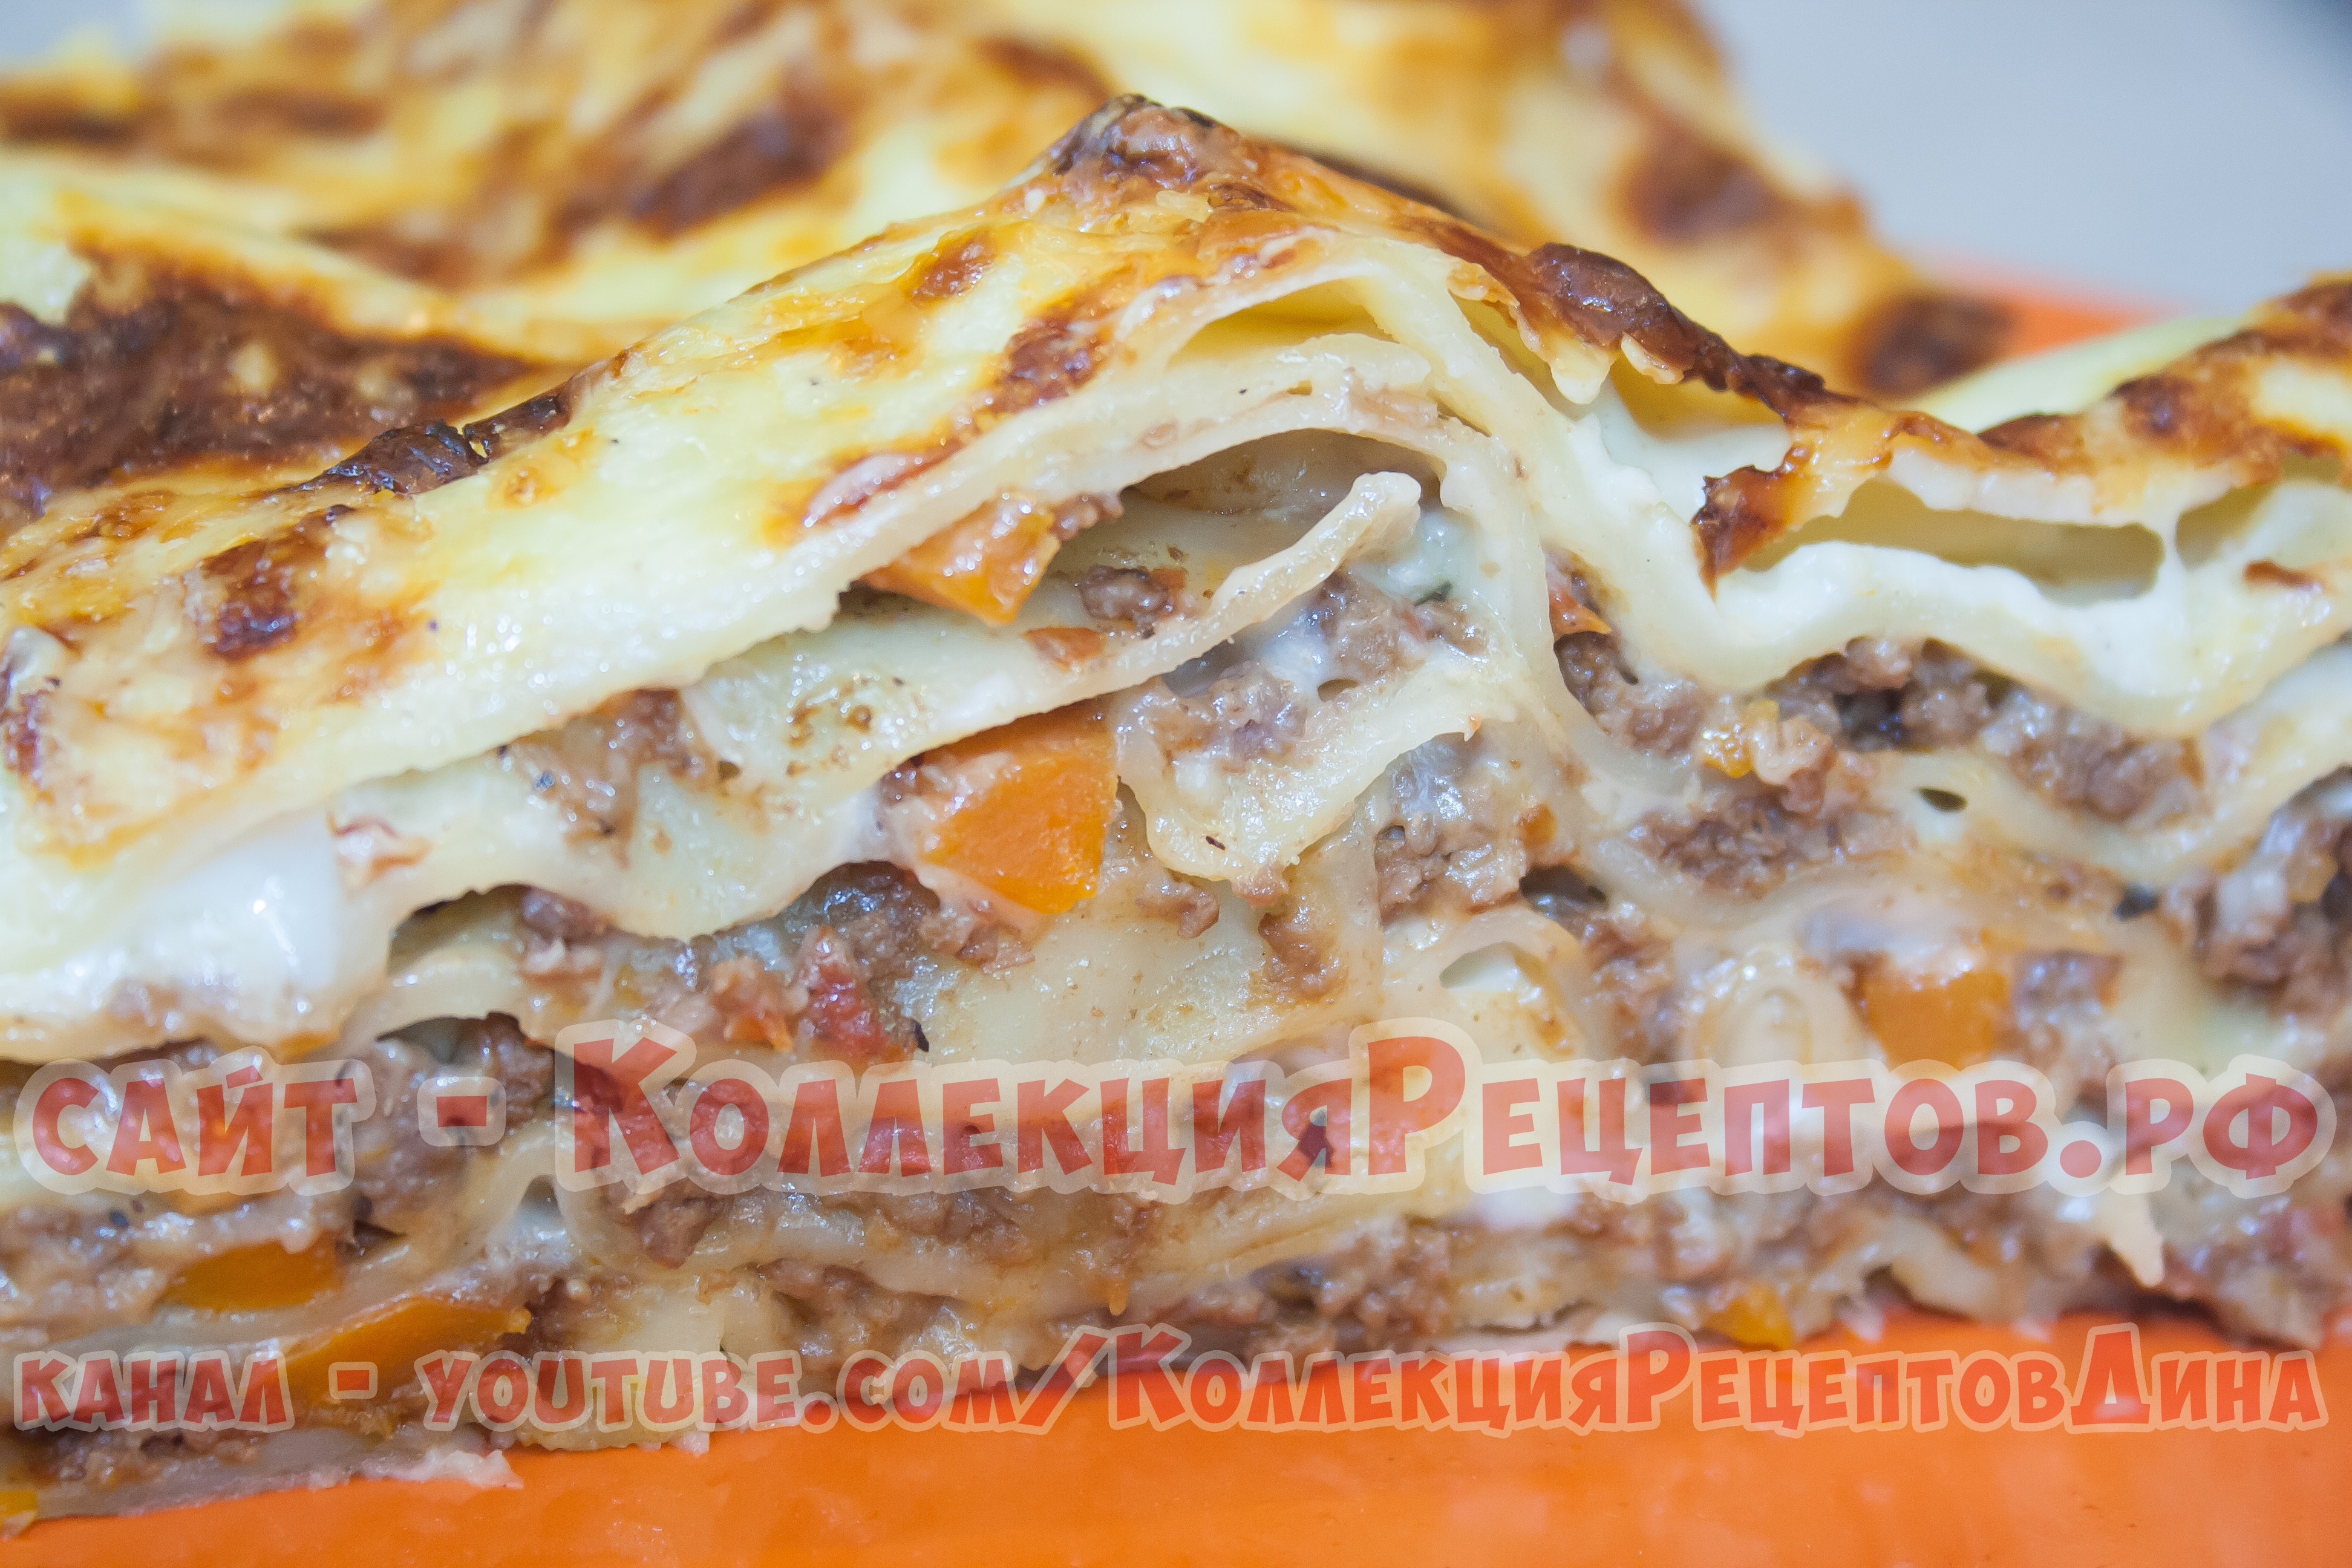 Пошаговый рецепт лазаньи с фаршем в домашних условиях с фото